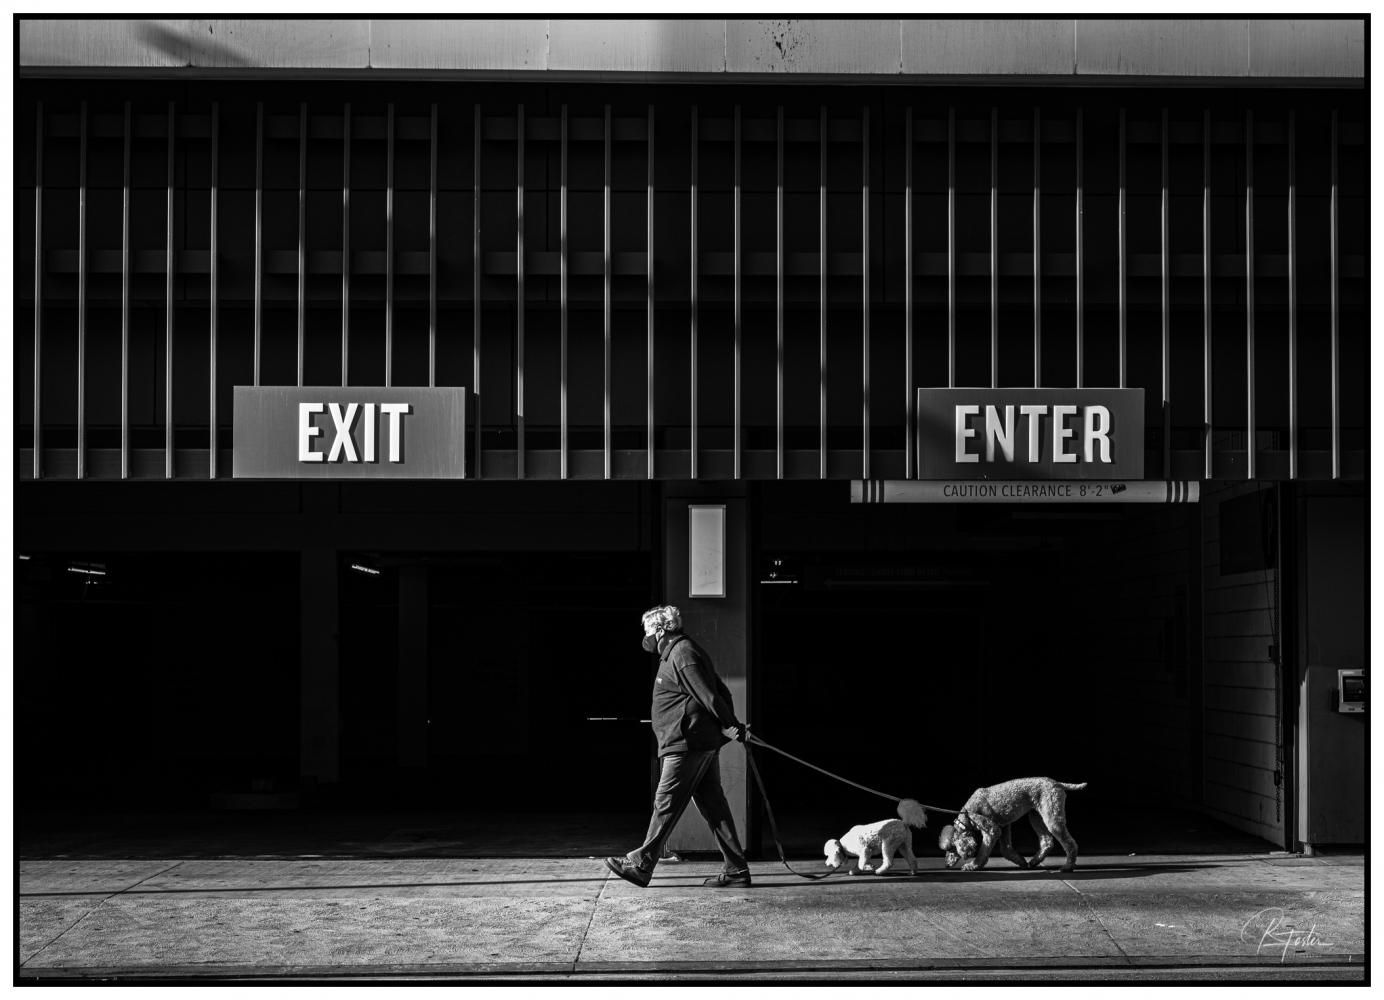 The Morning Walk, ©2021 Reginald Foster